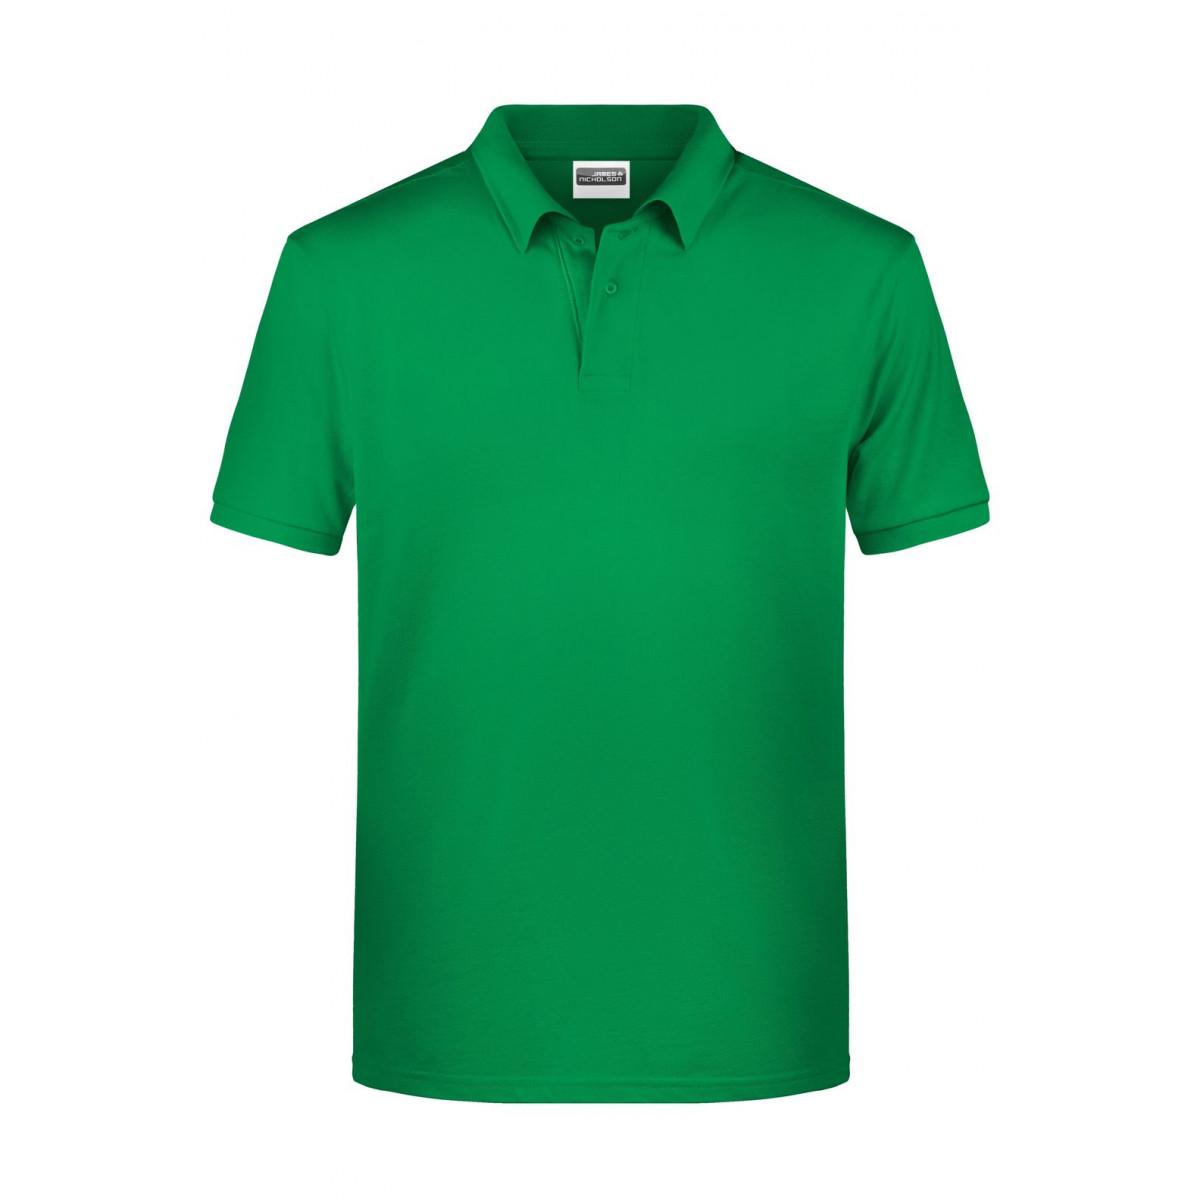 Рубашка поло мужская 8010 Mens Basic Polo - Насыщенный зеленый